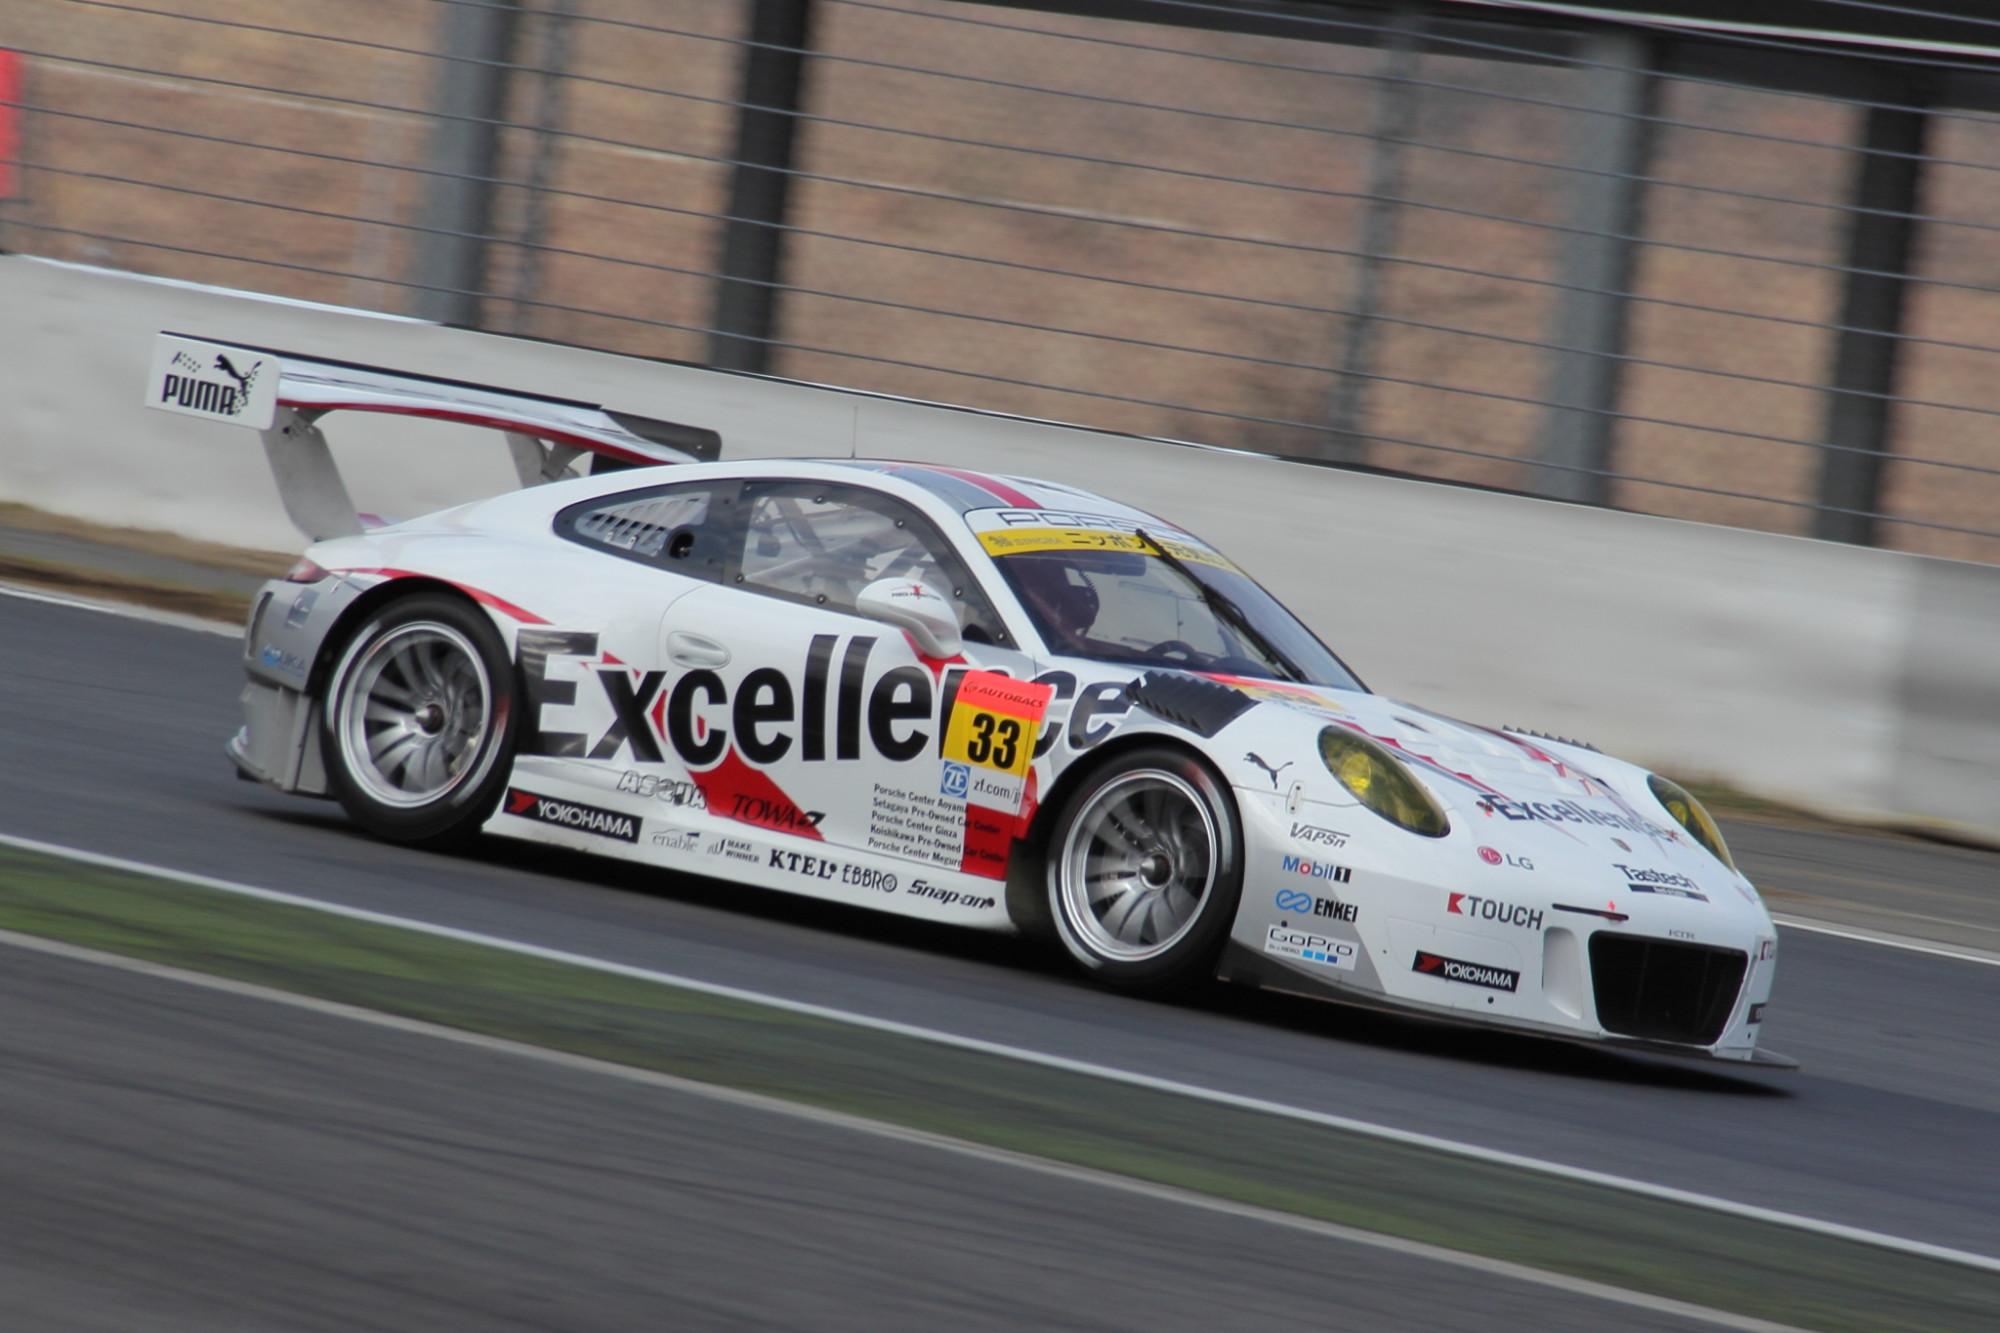 Excellence Porsche